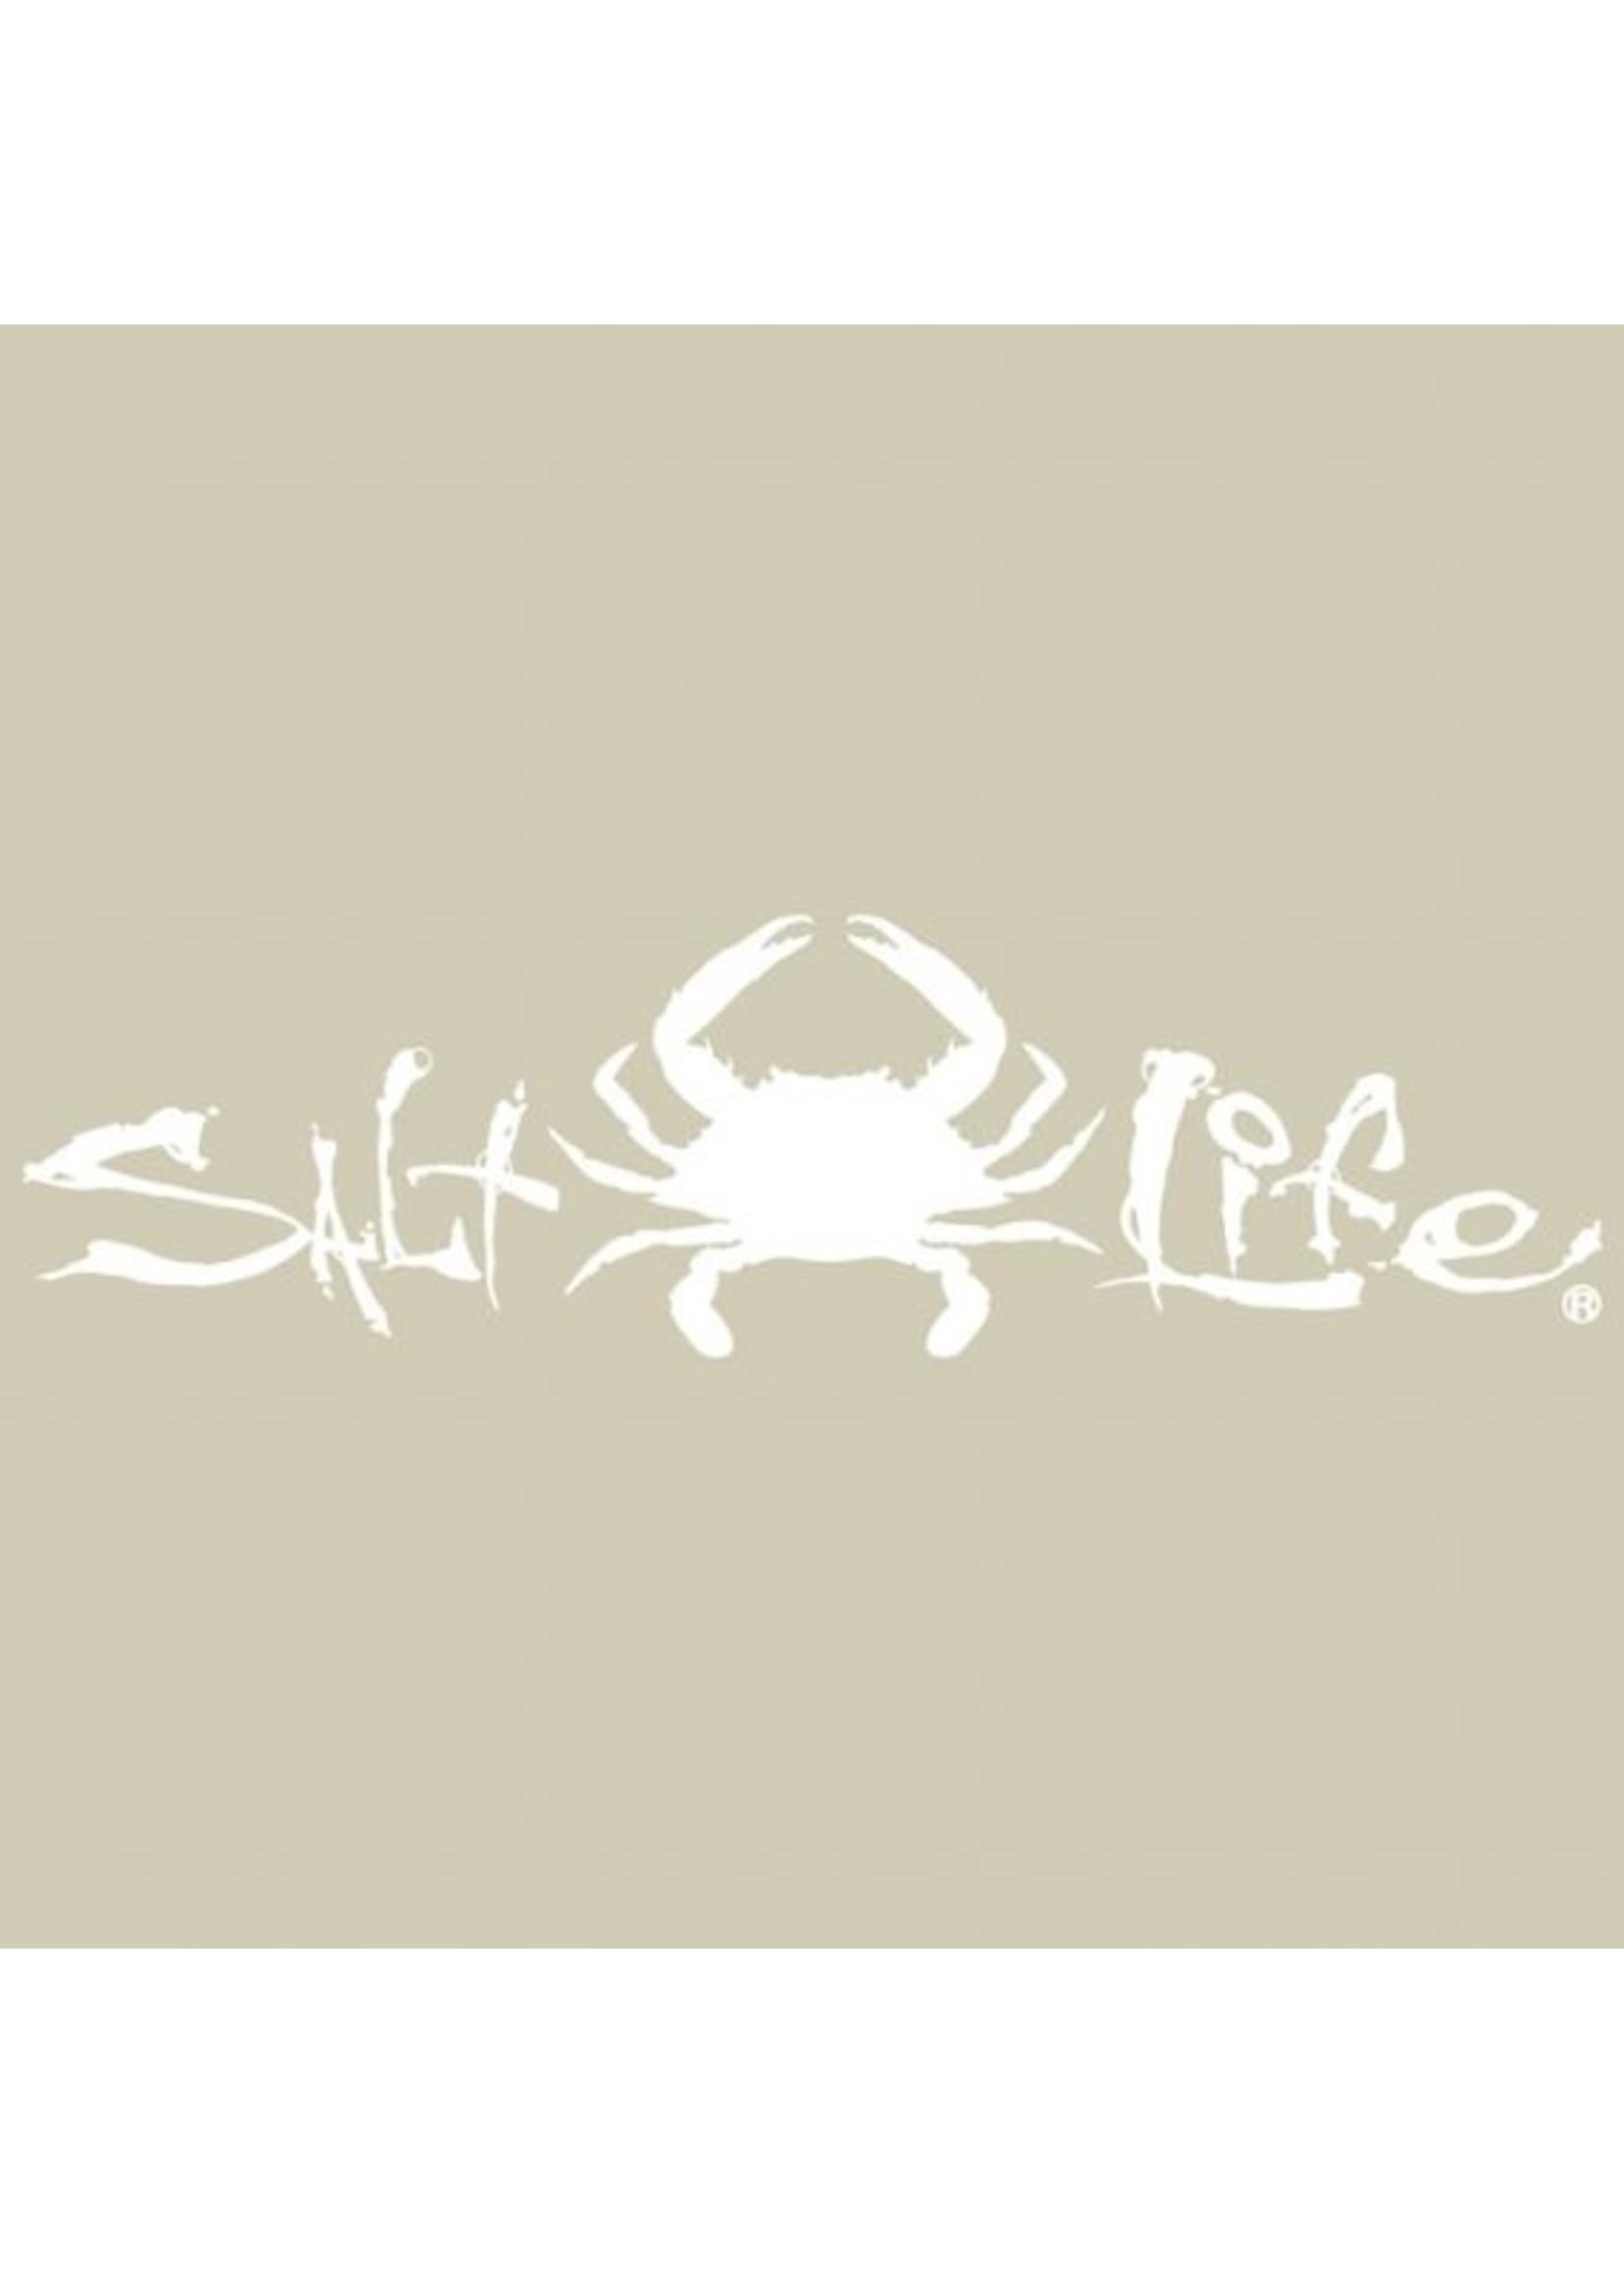 Salt Life Signature Crab Medium Decal